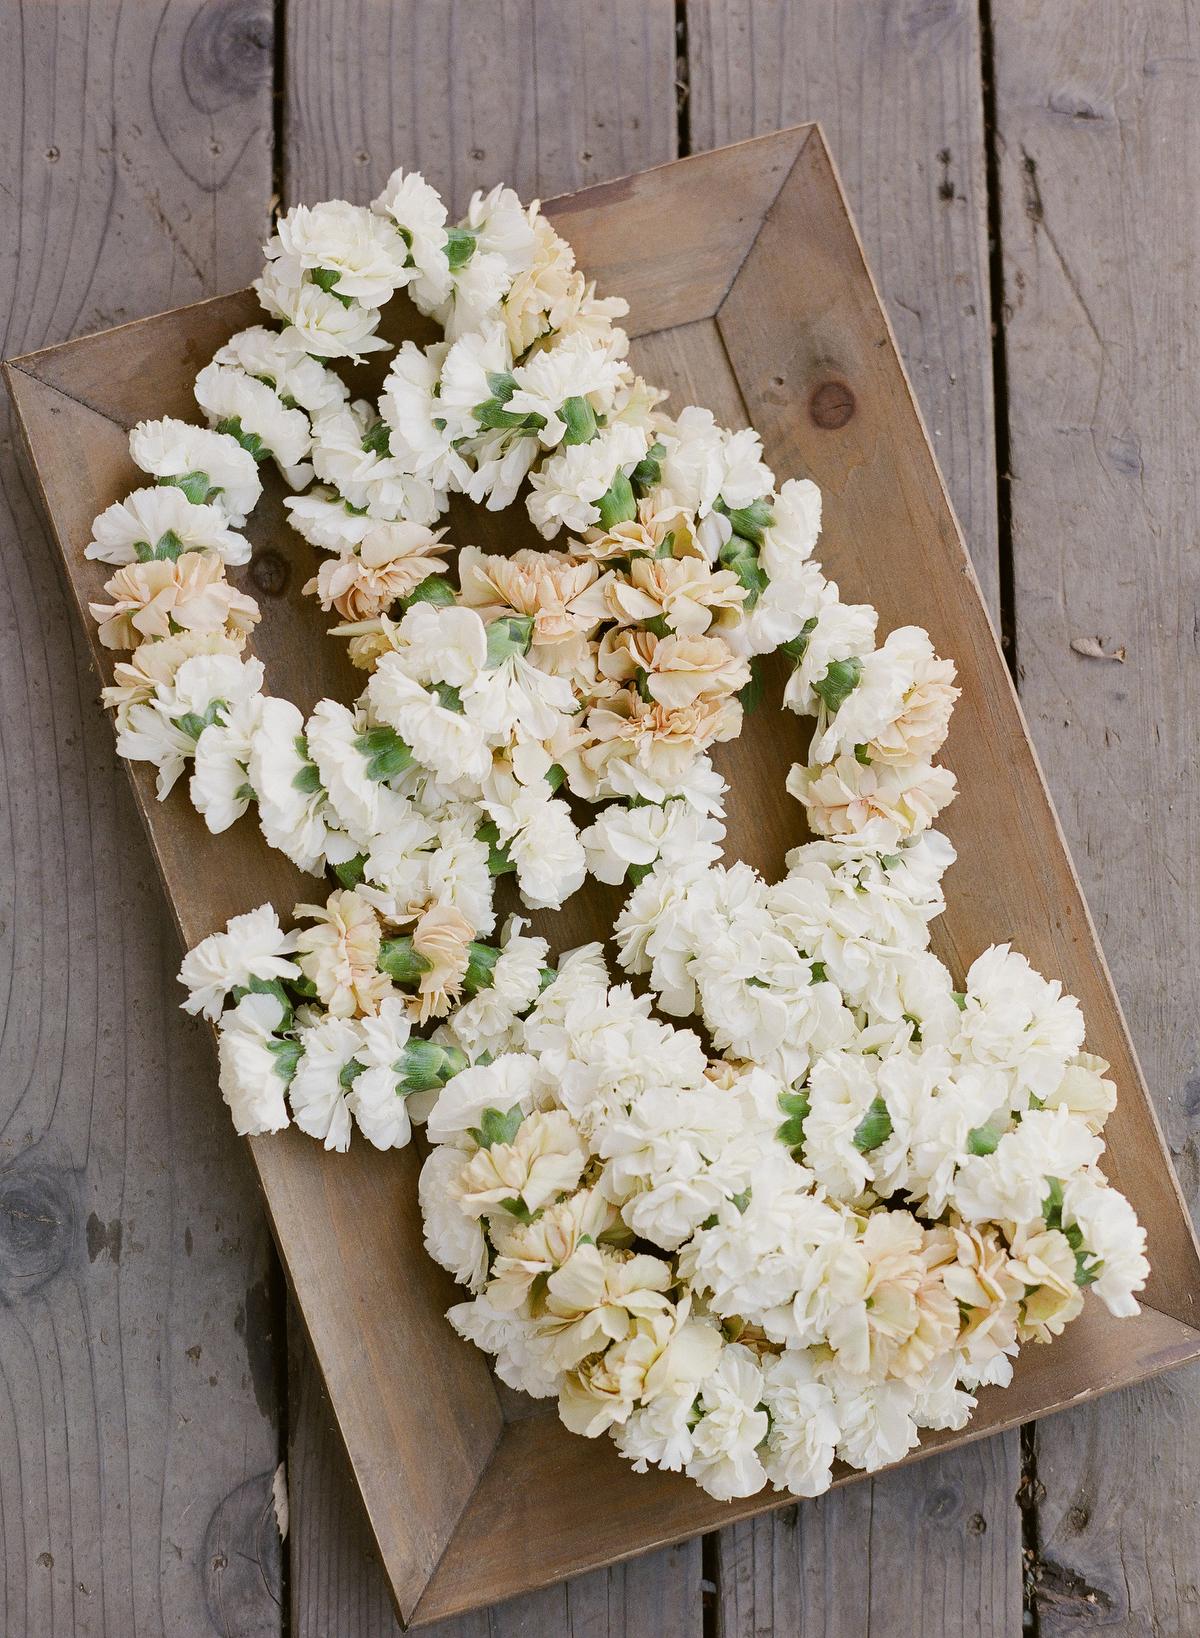 nadine dan wedding welcome party garlands